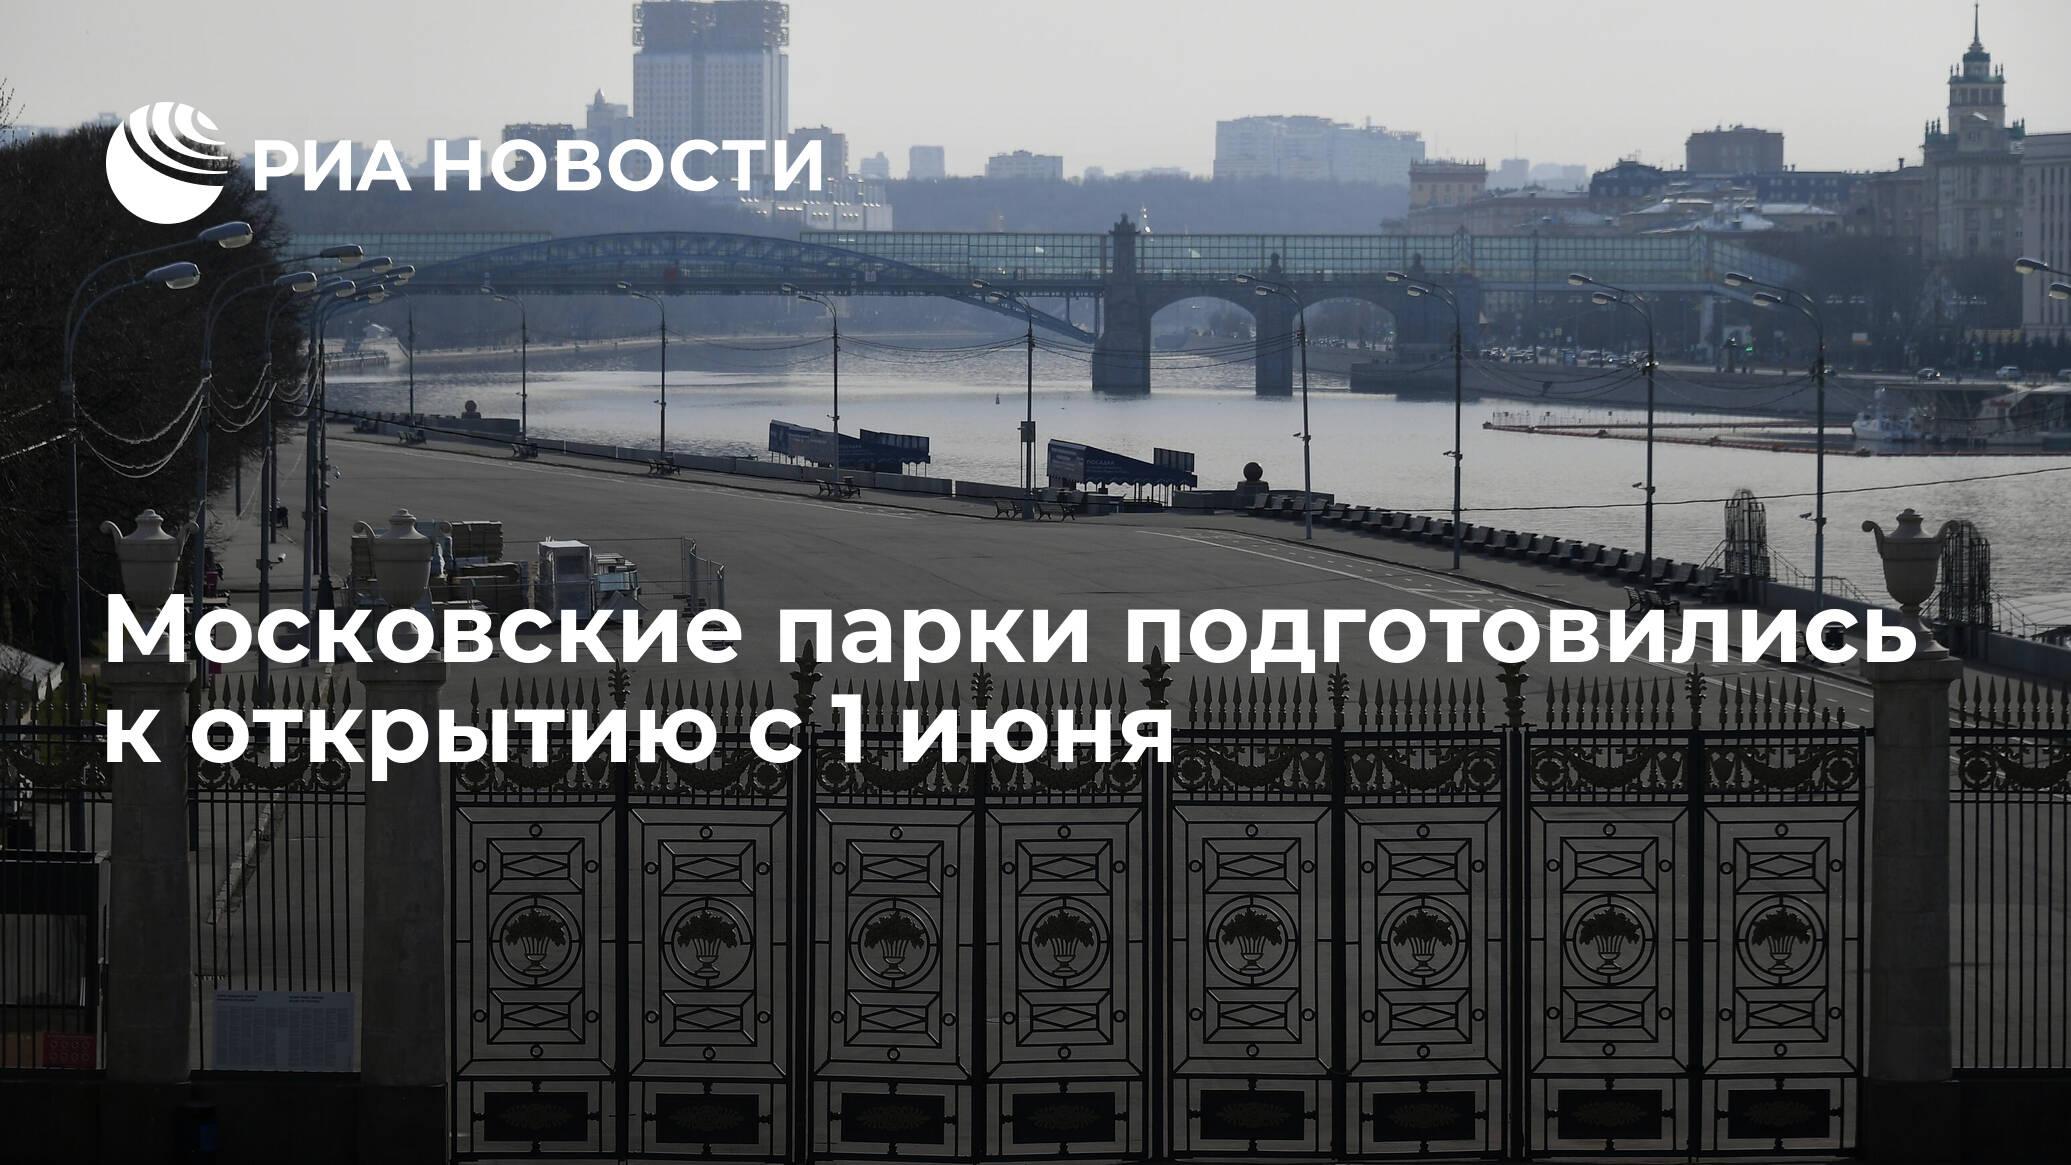 Московские парки подготовились к открытию с 1 июня